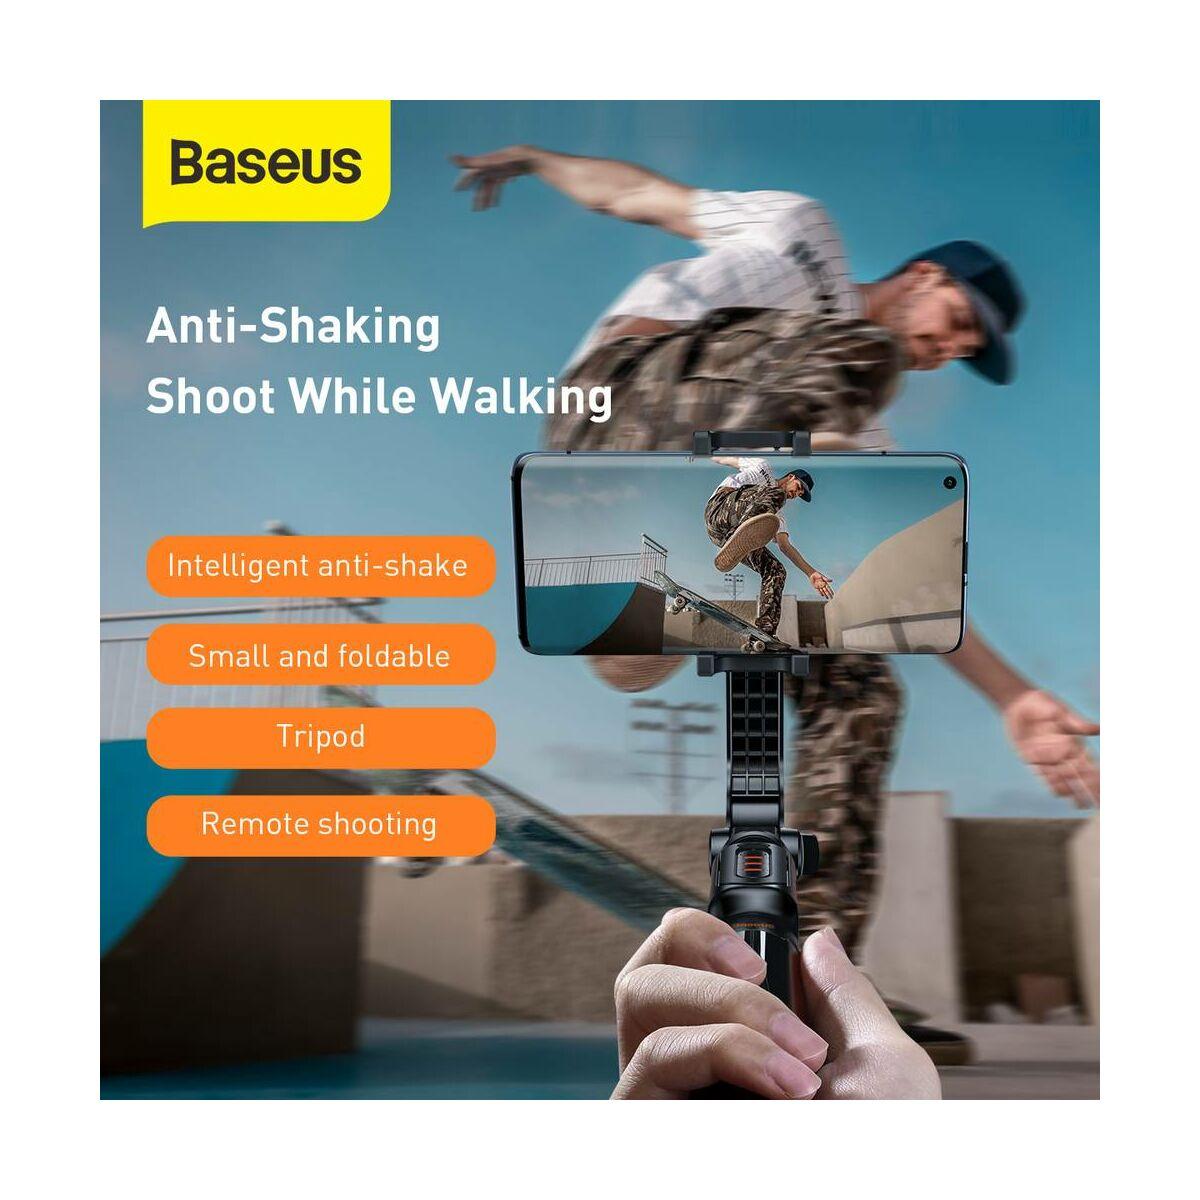 Baseus Video kiegészítő, Lovely Uniaxial Bluetooth selfie állvány, telefontartó és stabilizátor, összecsukható, fekete (SULH-01)